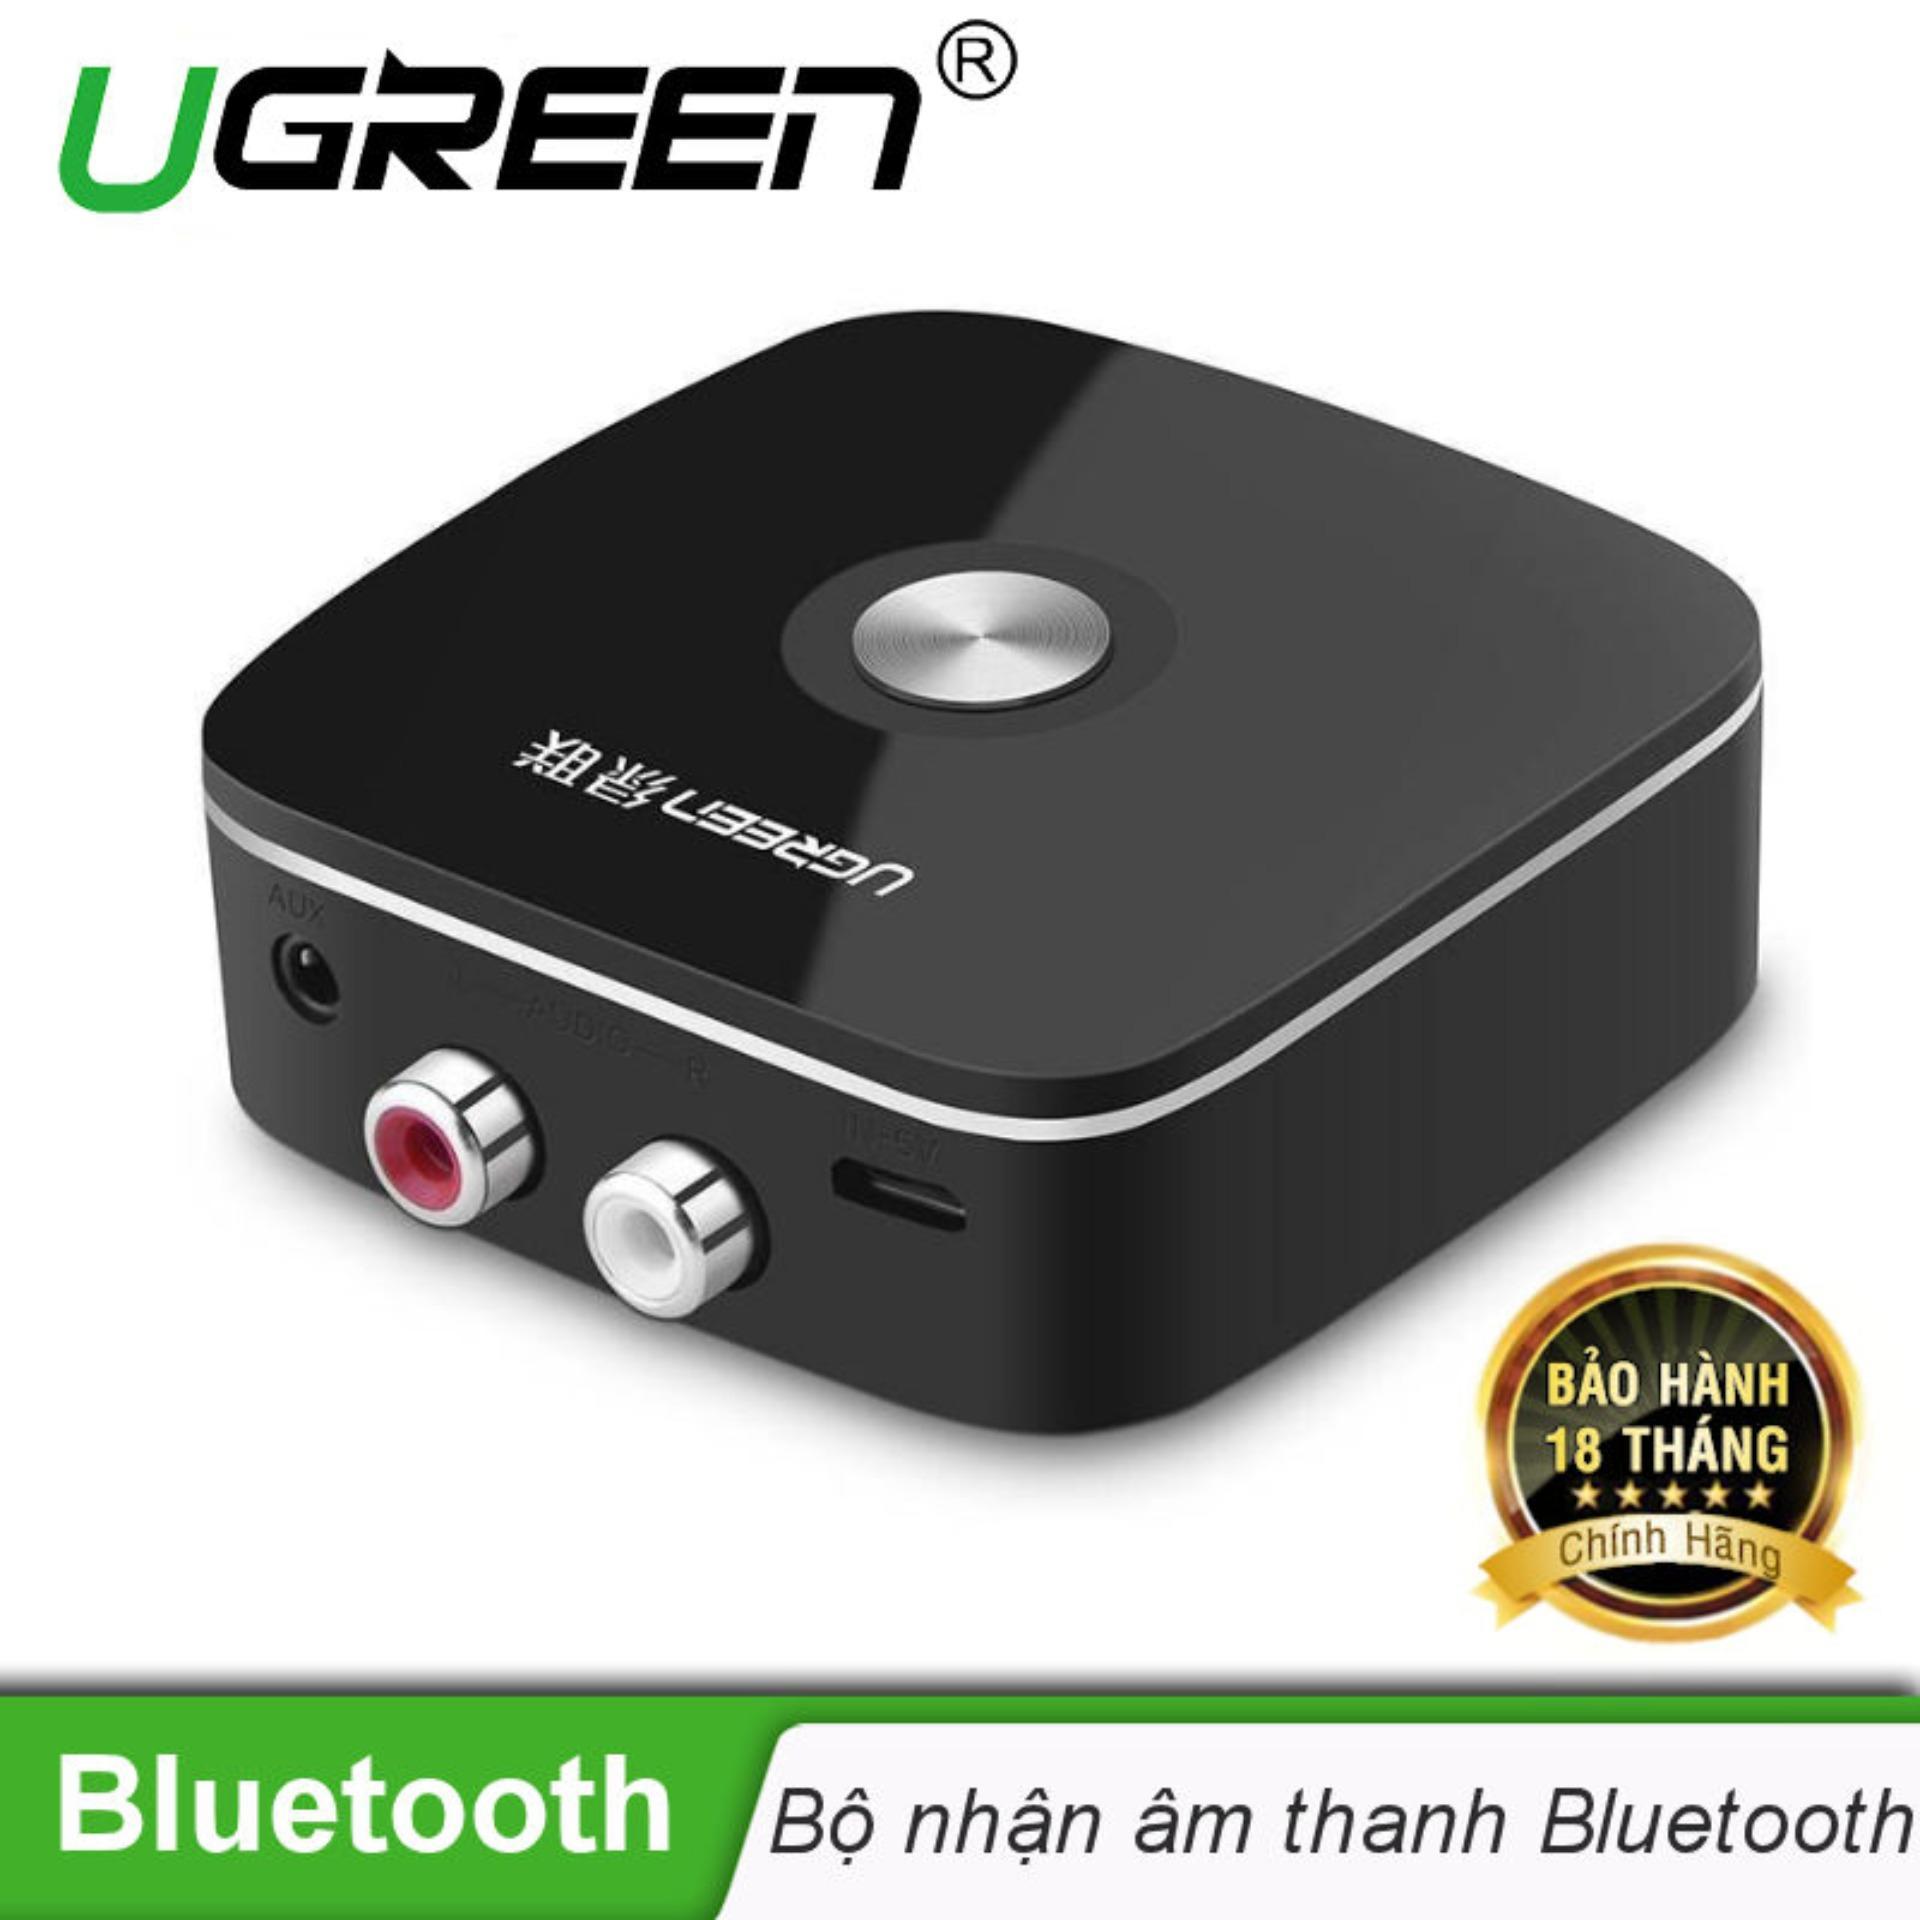 Bộ Nhận Am Thanh Bluetooth Đầu Ra 3 5Mm 2 Đầu Rca Ugreen 30445 Hang Phan Phối Chinh Thức Hà Nội Chiết Khấu